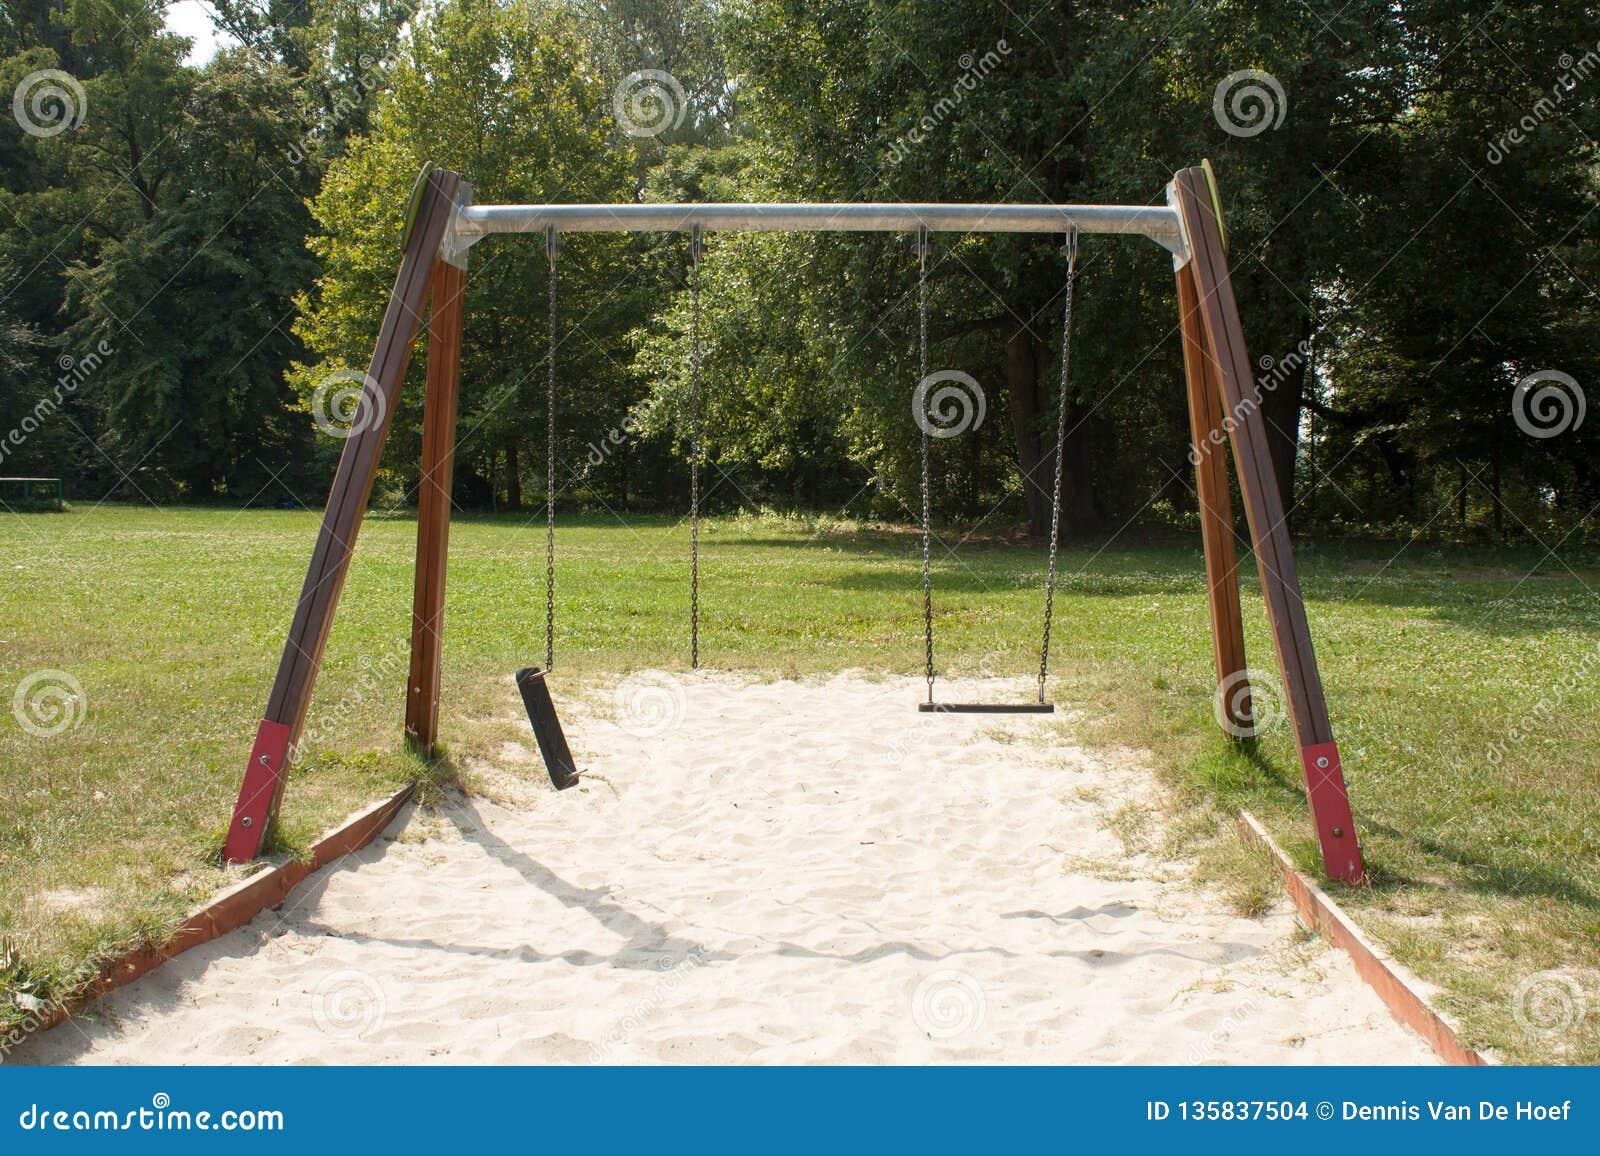 Broken swing.